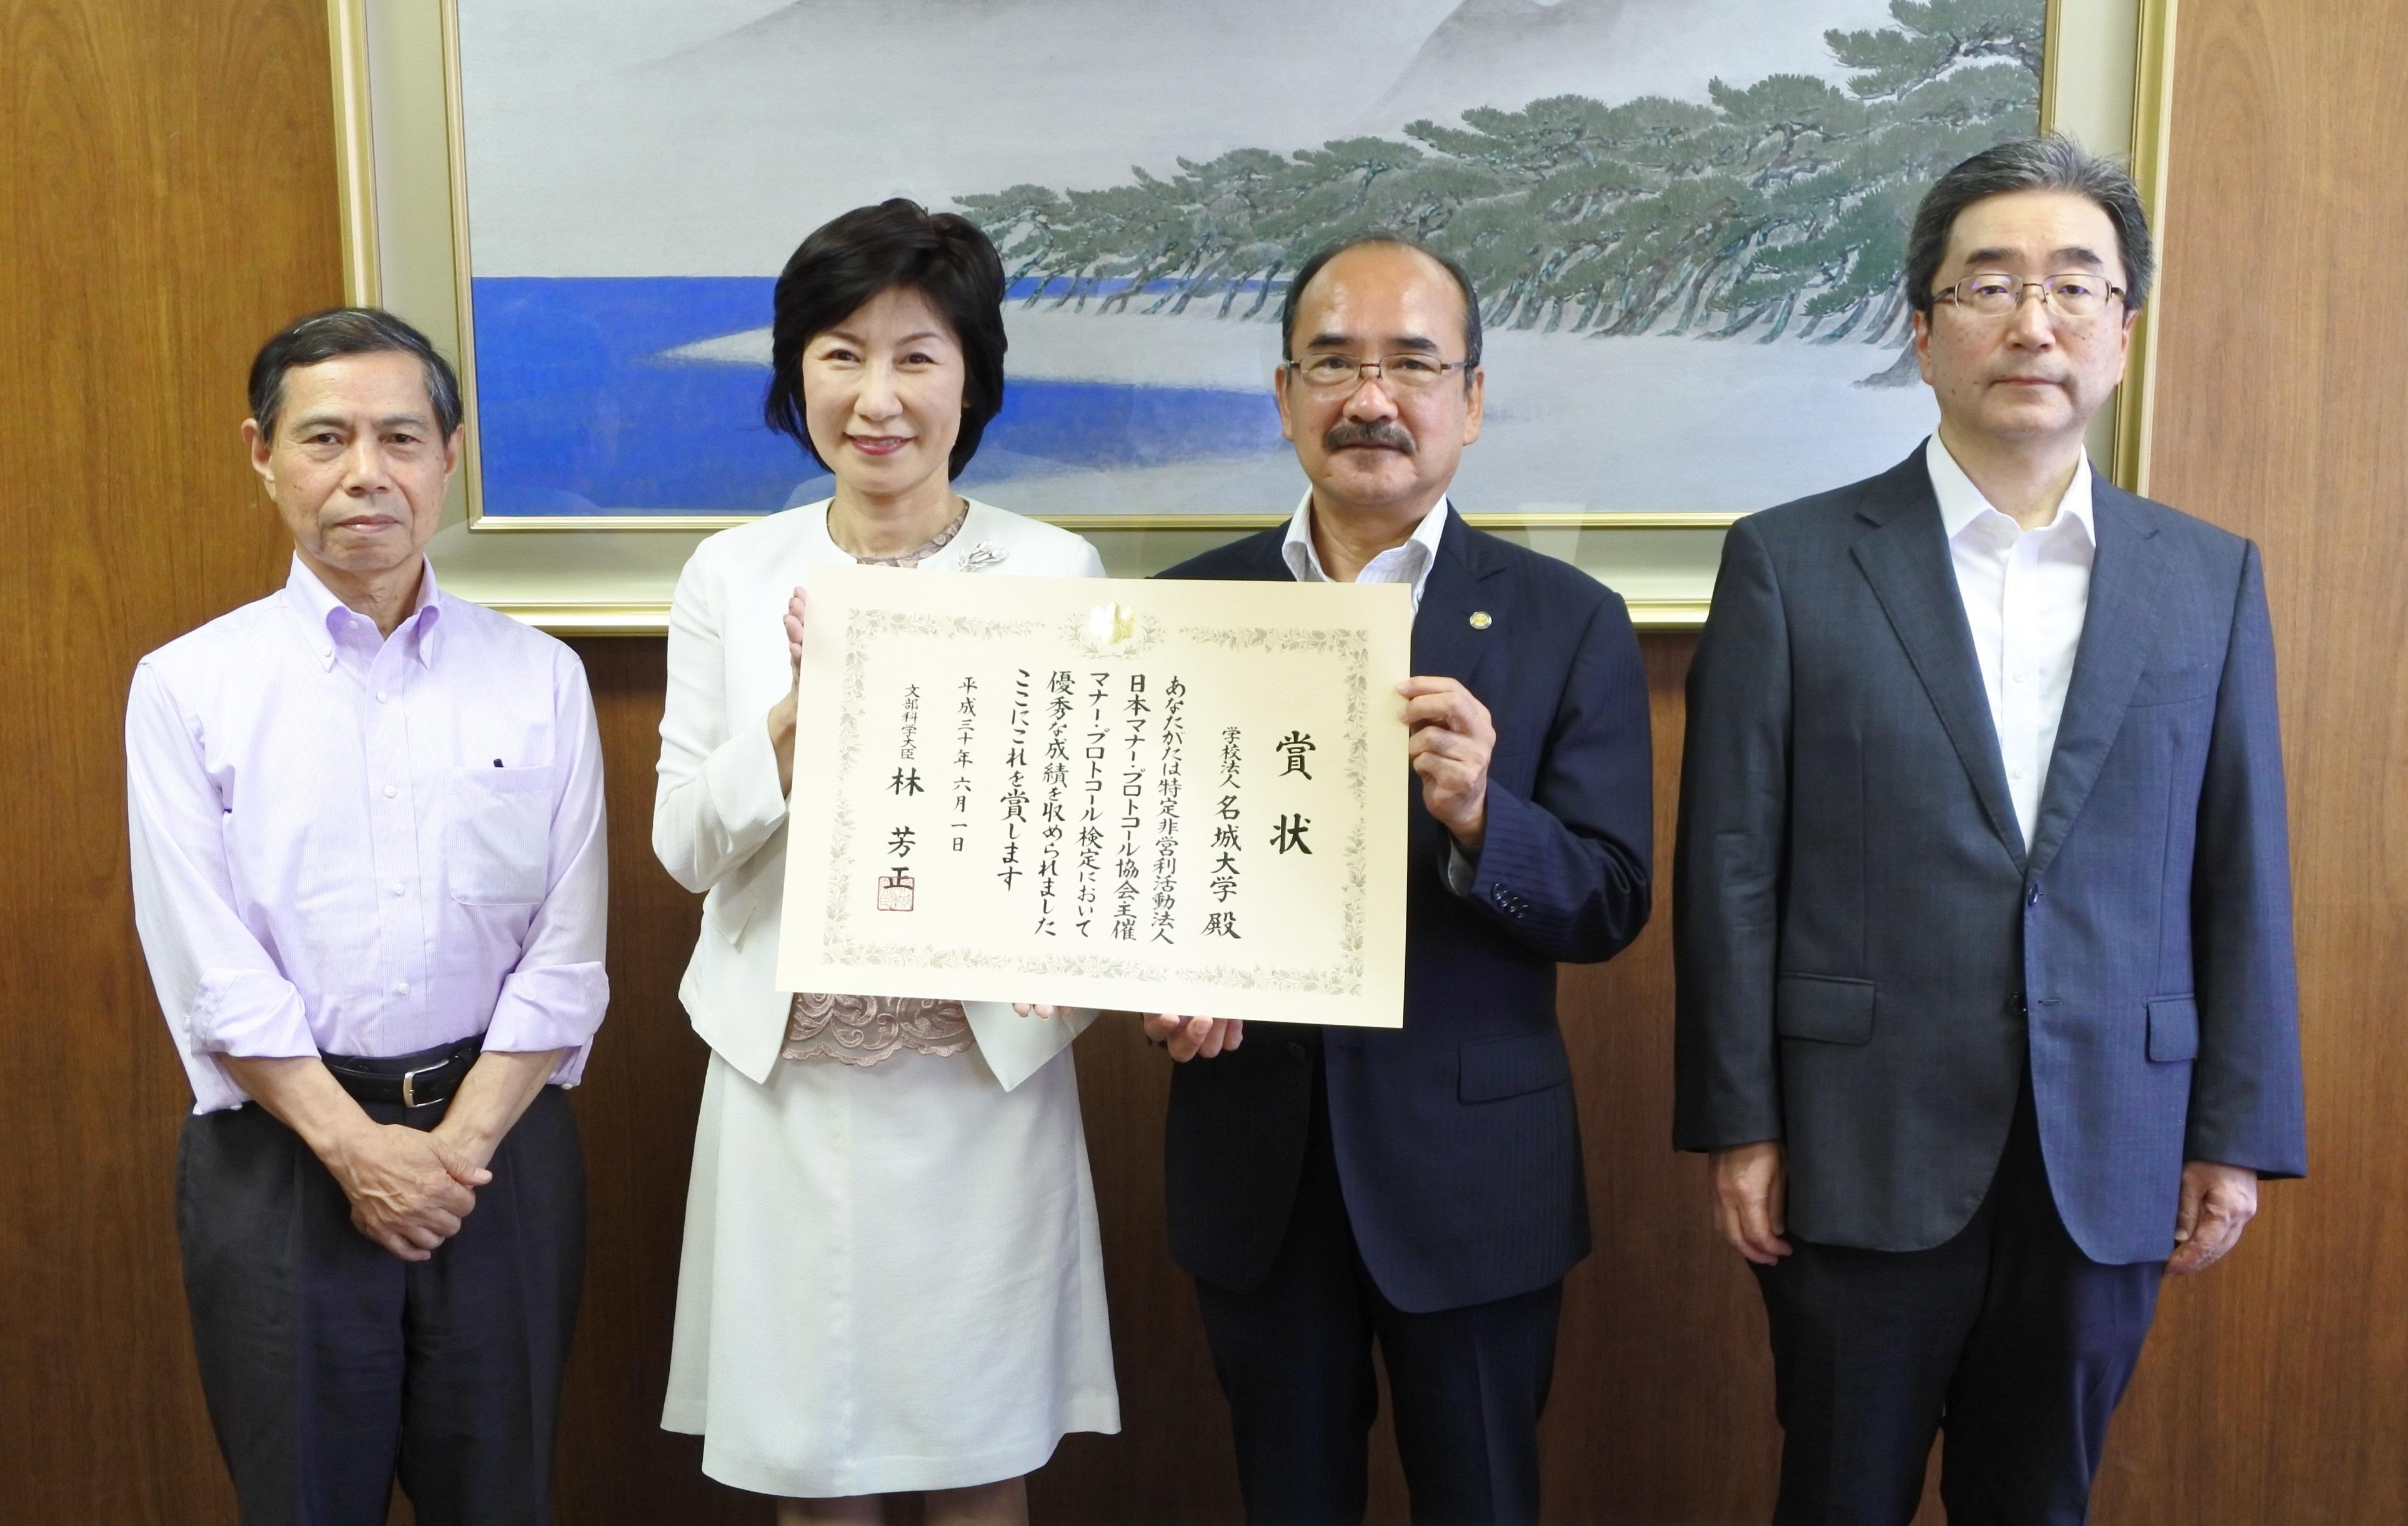 受賞を喜ぶ吉久光一学長(右から2人目)、磯前秀二副学長(右端)、岸川典昭キャリアセンター長(左端)